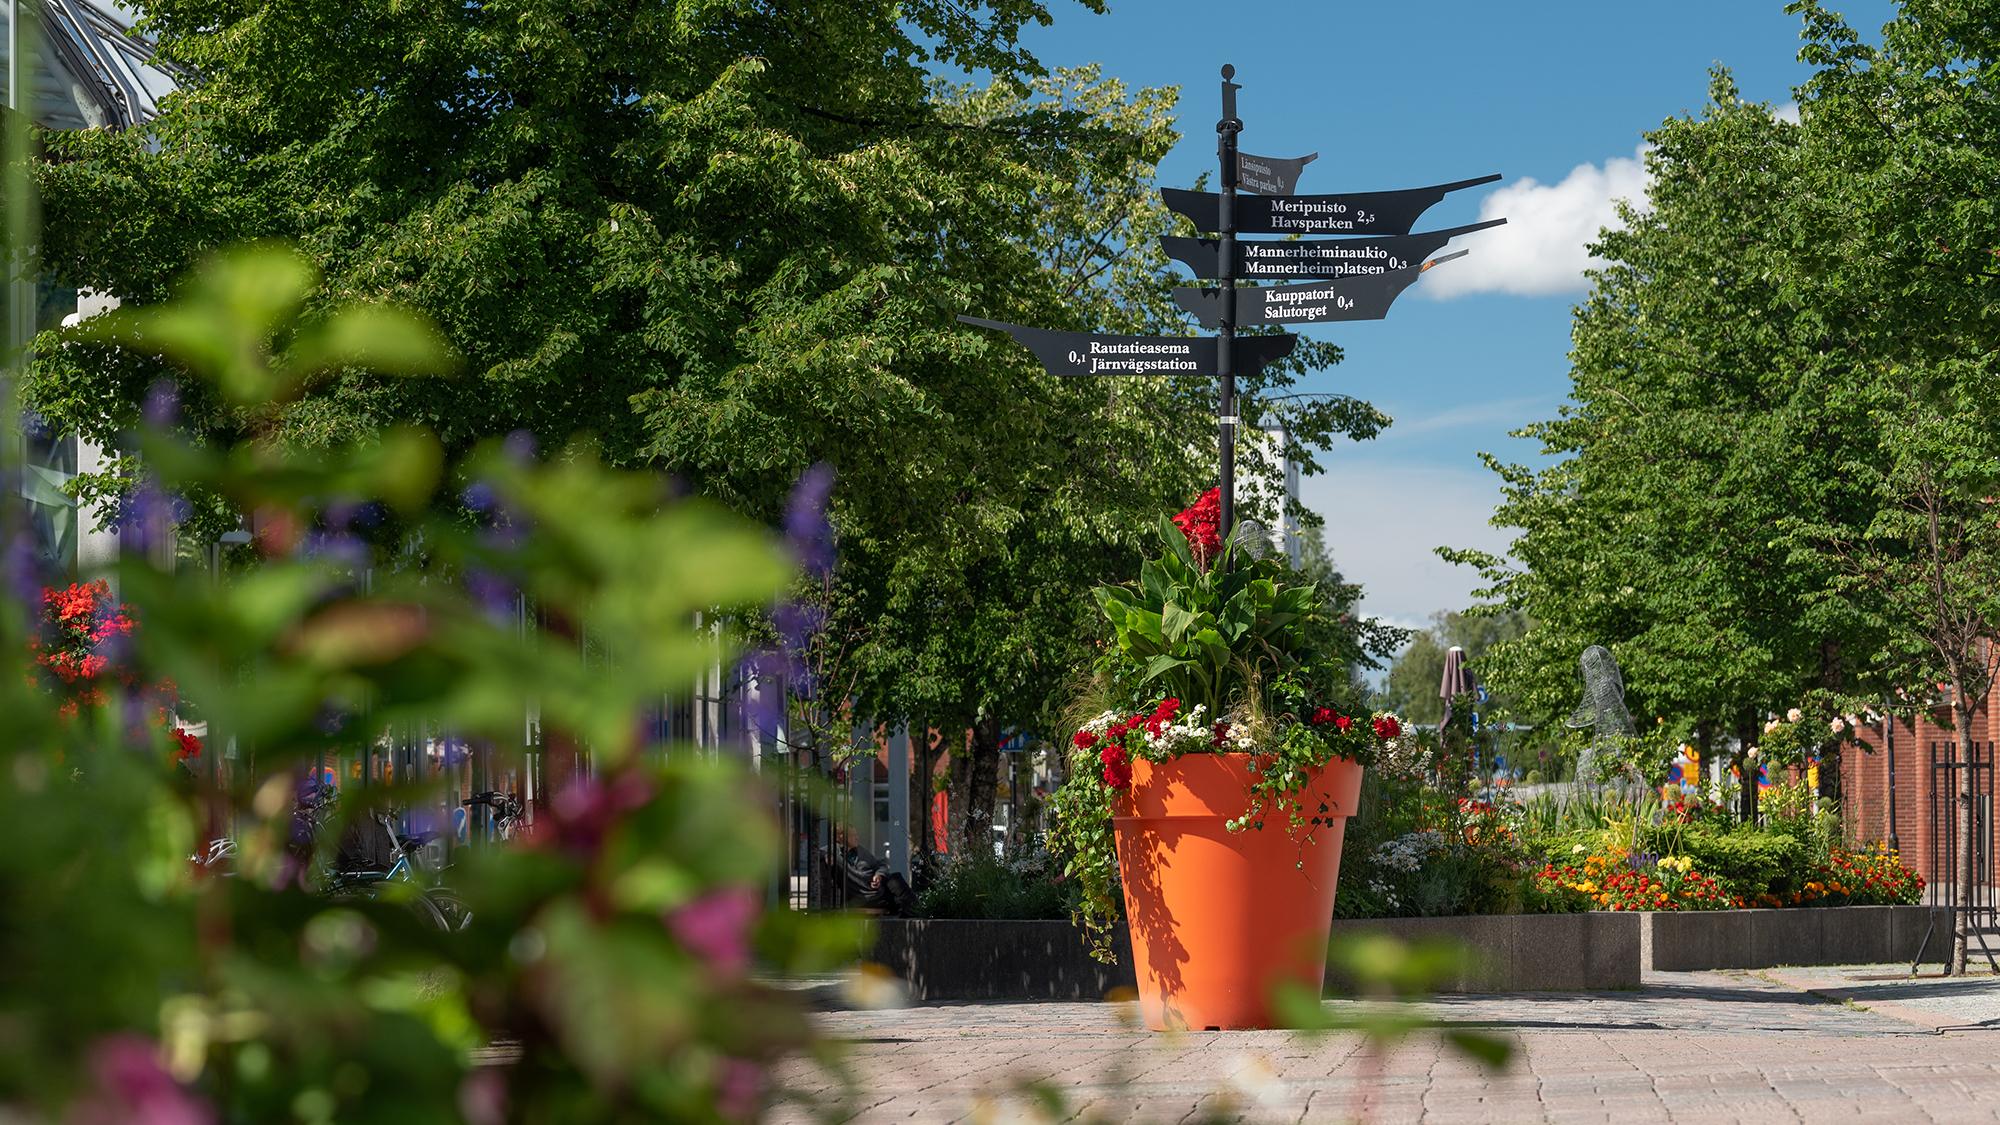 Näkymä istutuksia täynnä olevalle Tehtaankadulle. Kuvan keskellä on kukkia tulvillaan oleva suuri kukkaruukku, jonka keskeltä nousee musta, metallinen, moneen eri suuntaan viittova opaskyltti.